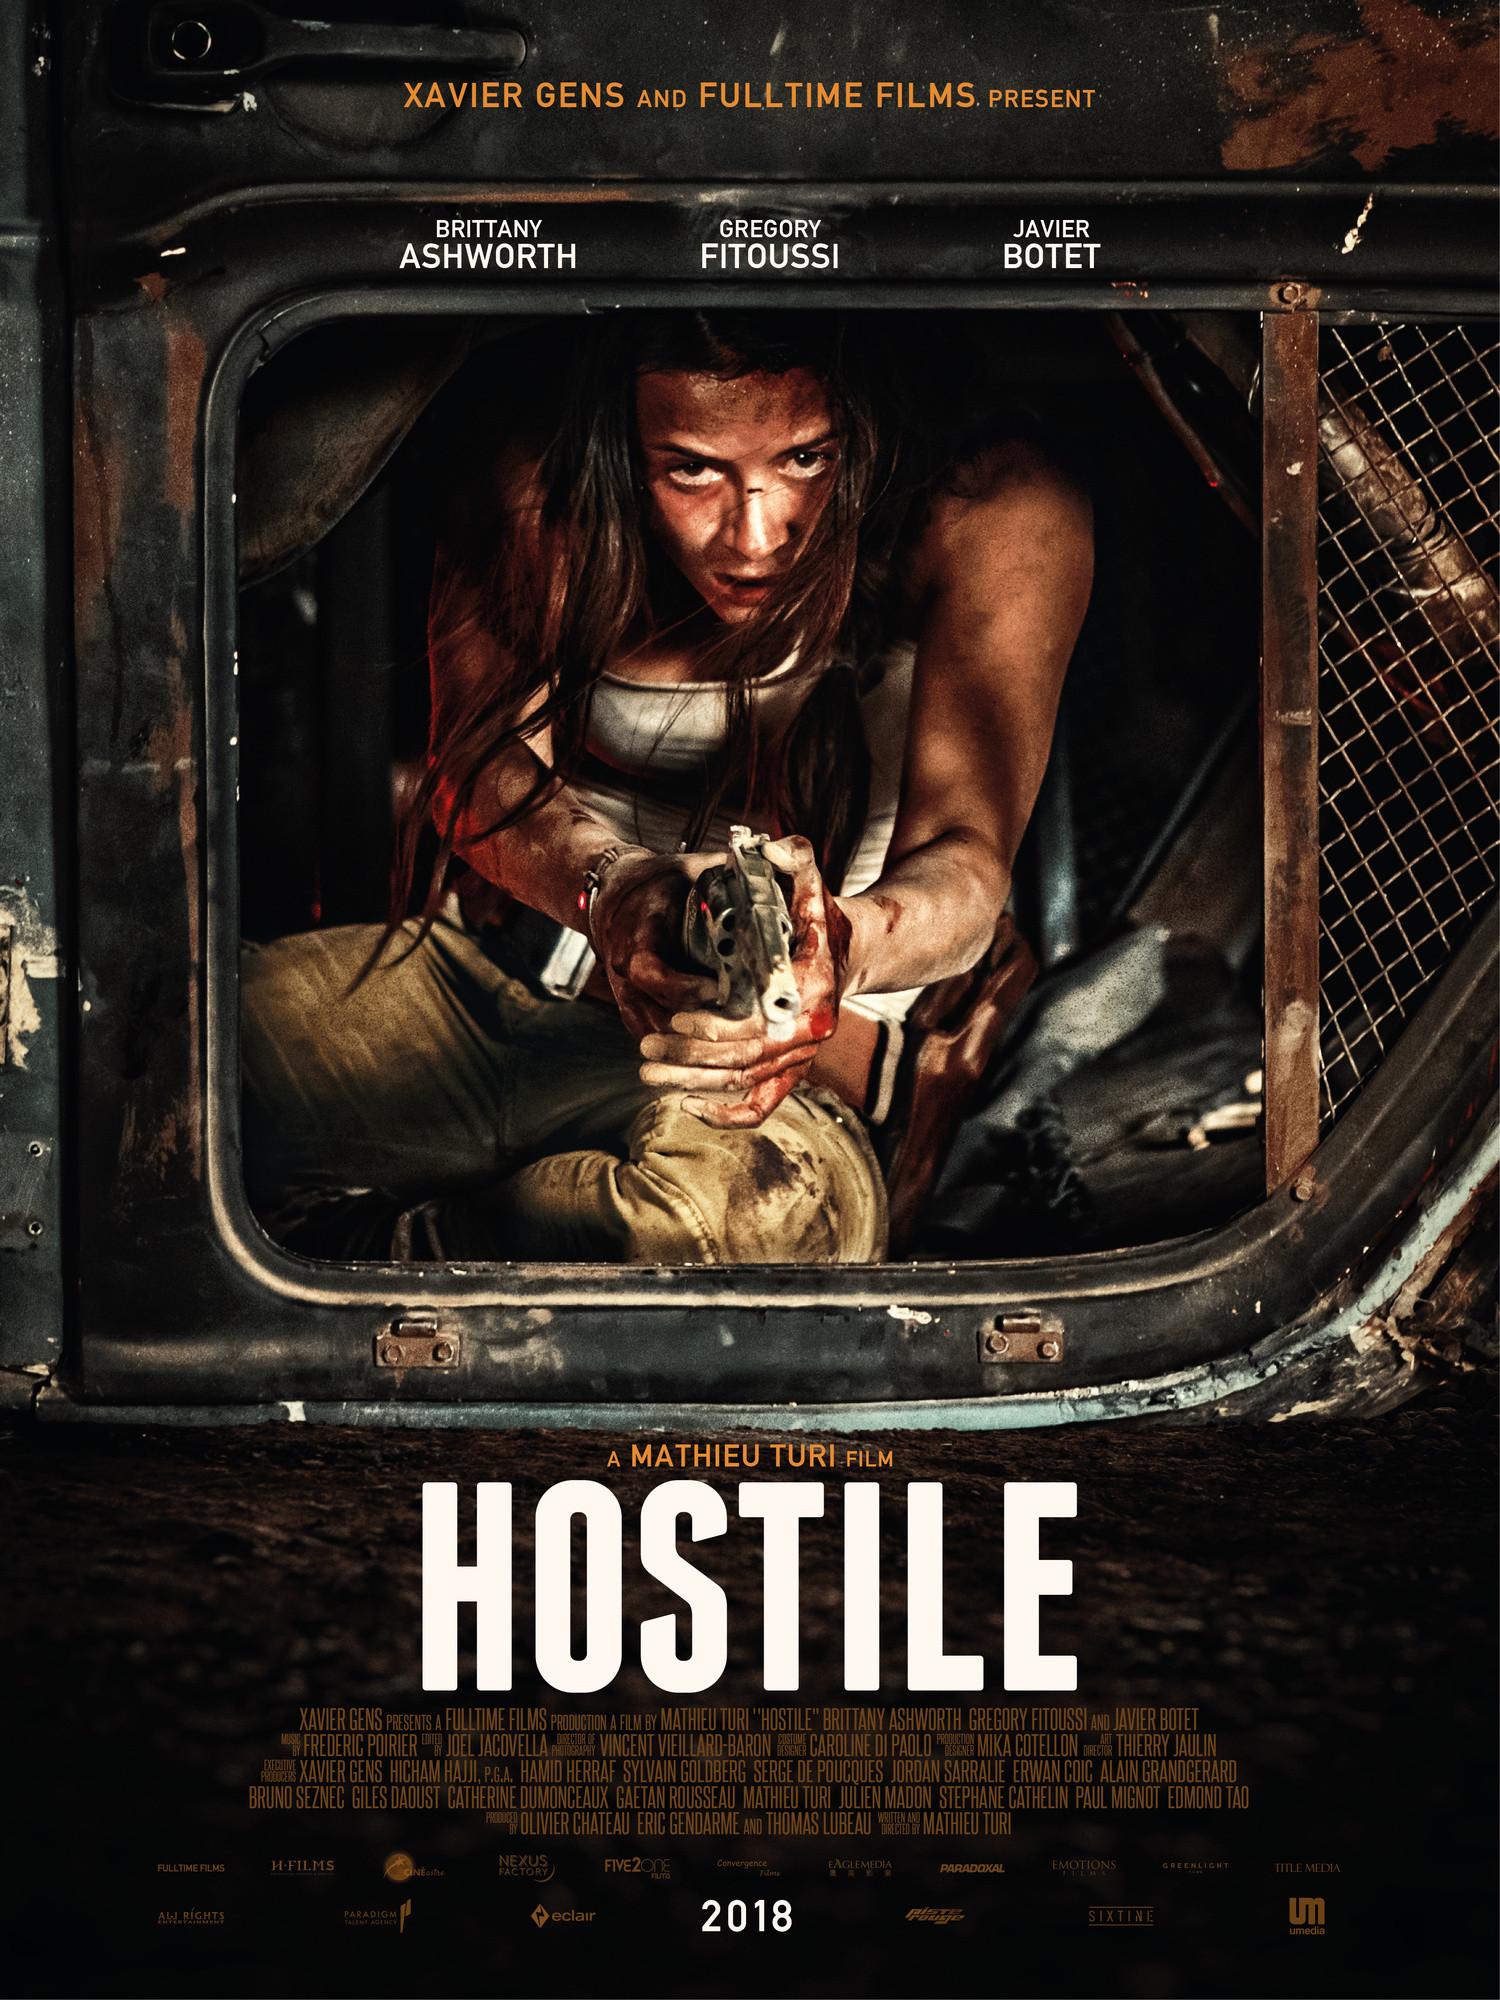 Hostile Reviews - Metacritic